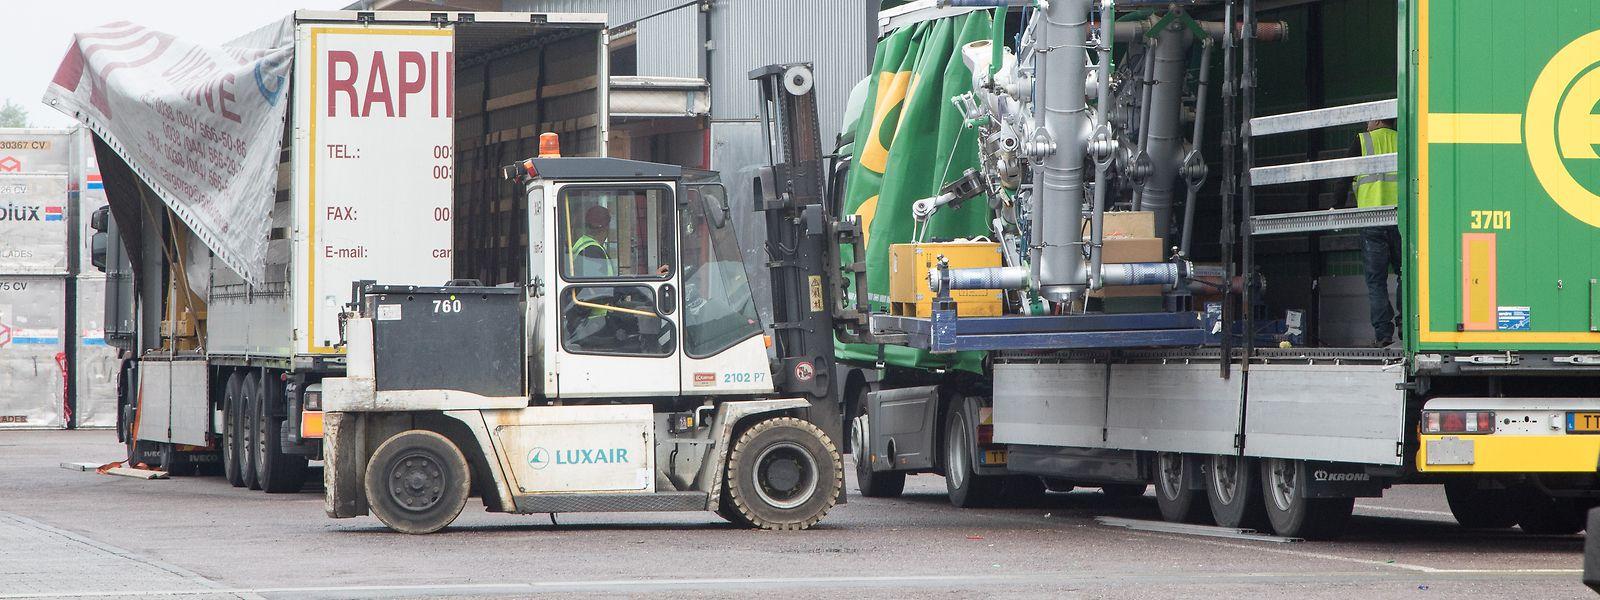 Lastwagen werden am Flughafen be- und entladen: Das Frachtaufkommen hat sich nach einem Einbruch inzwischen normalisiert.